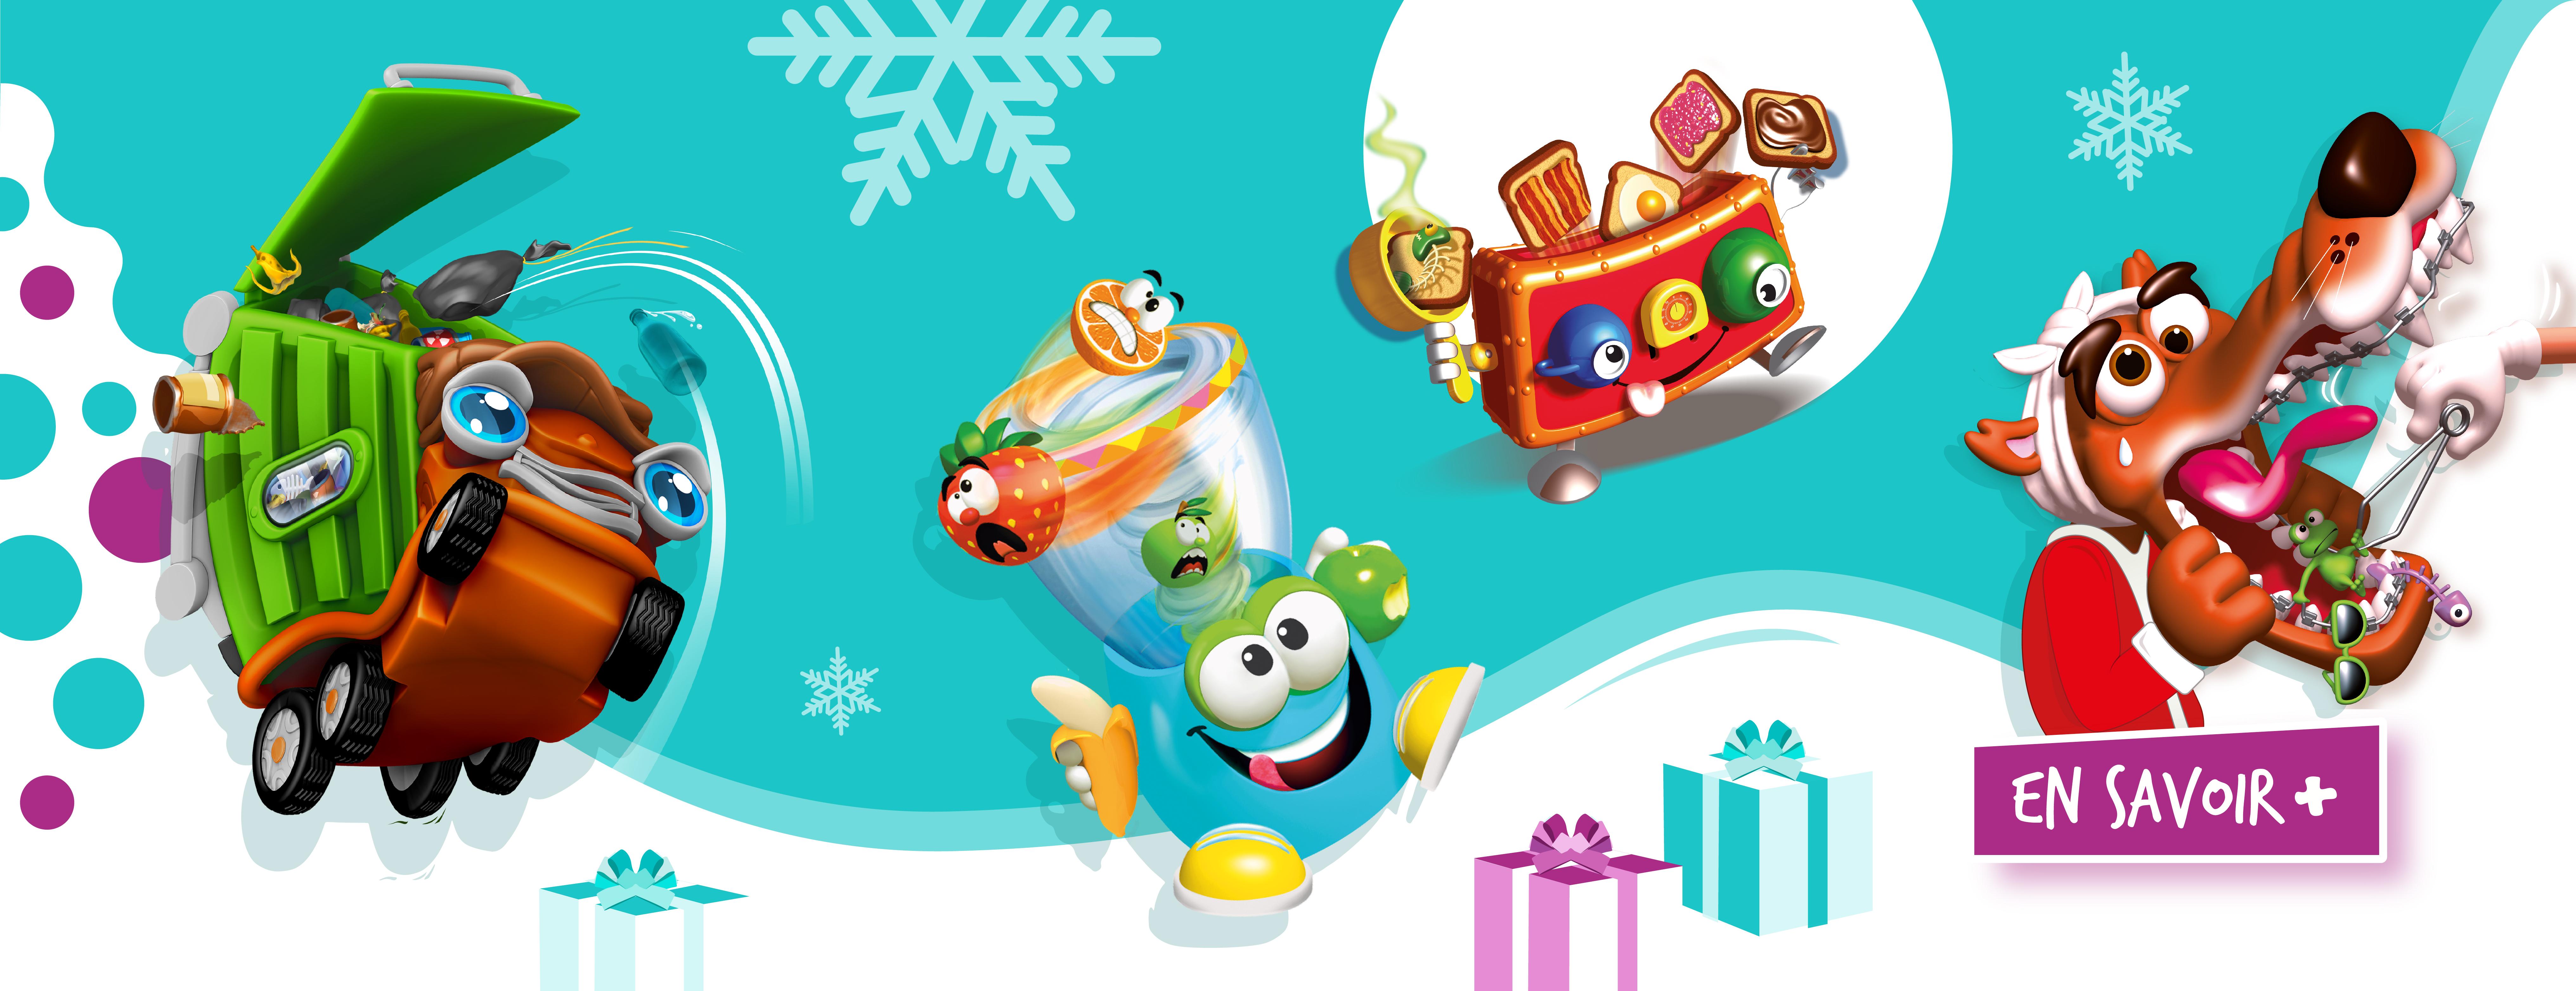 18-11-28_noel jeux d'action